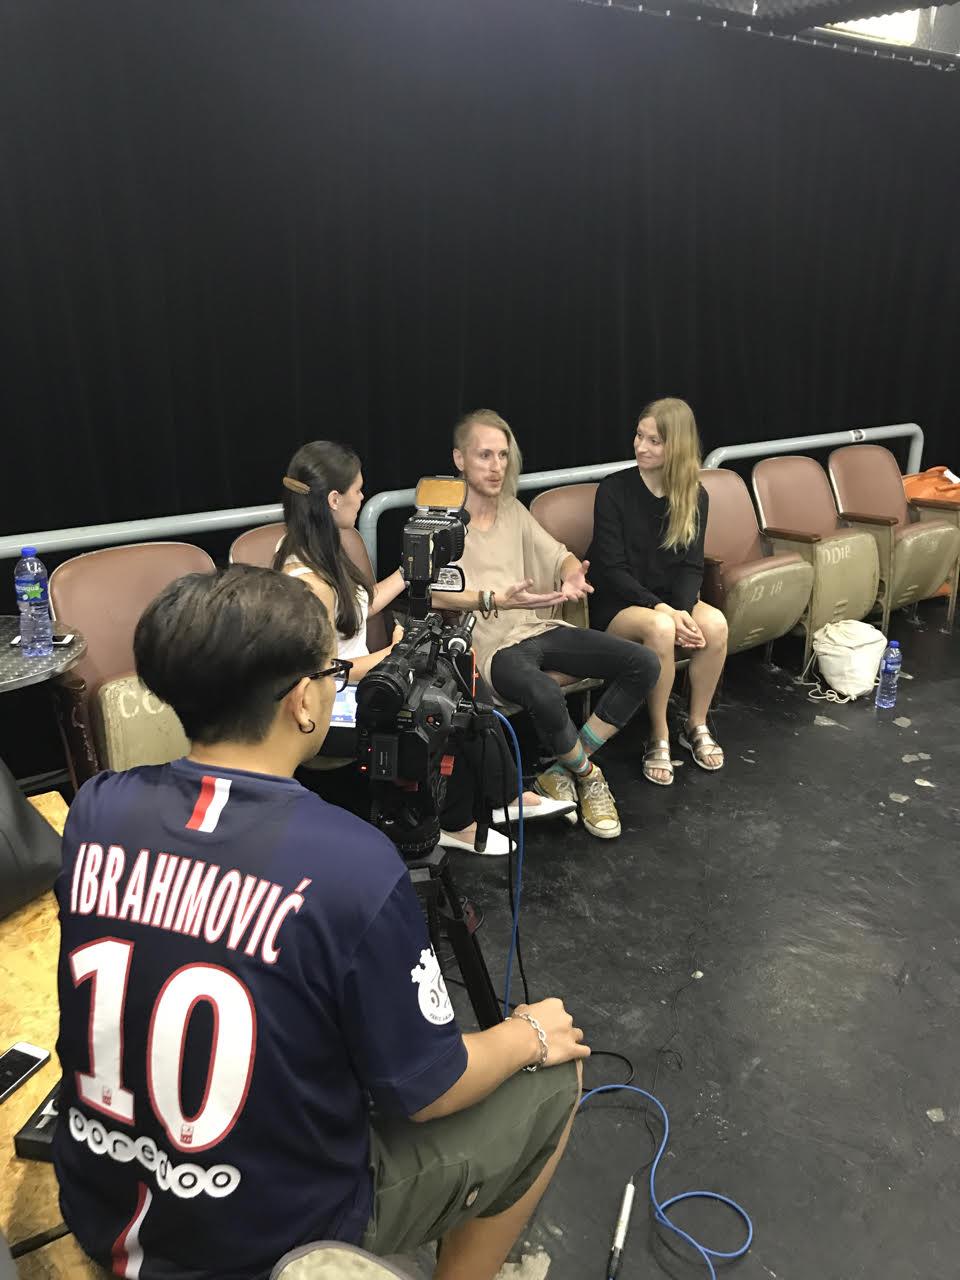 Intrevju för The Culture Channel i Macau. Deras fotograf sportar en Zlatan-tröja.